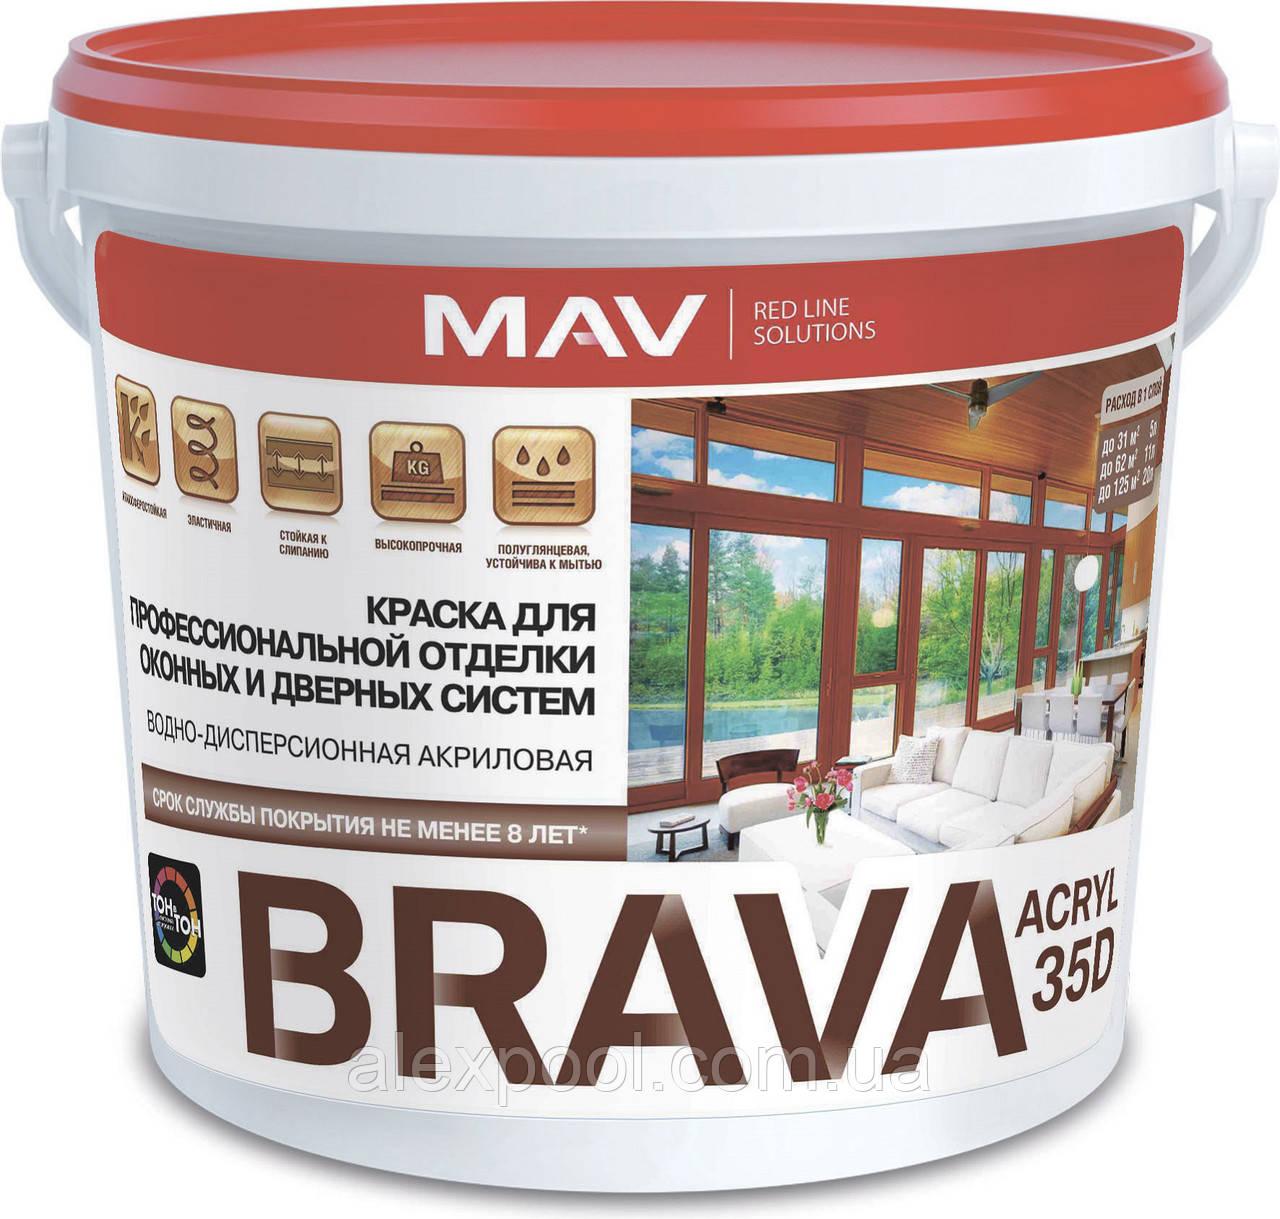 Краска MAV BRAVA ACRYL 35D для профессиональной отделки оконных и дверных систем Белая полуматовая 1 литр